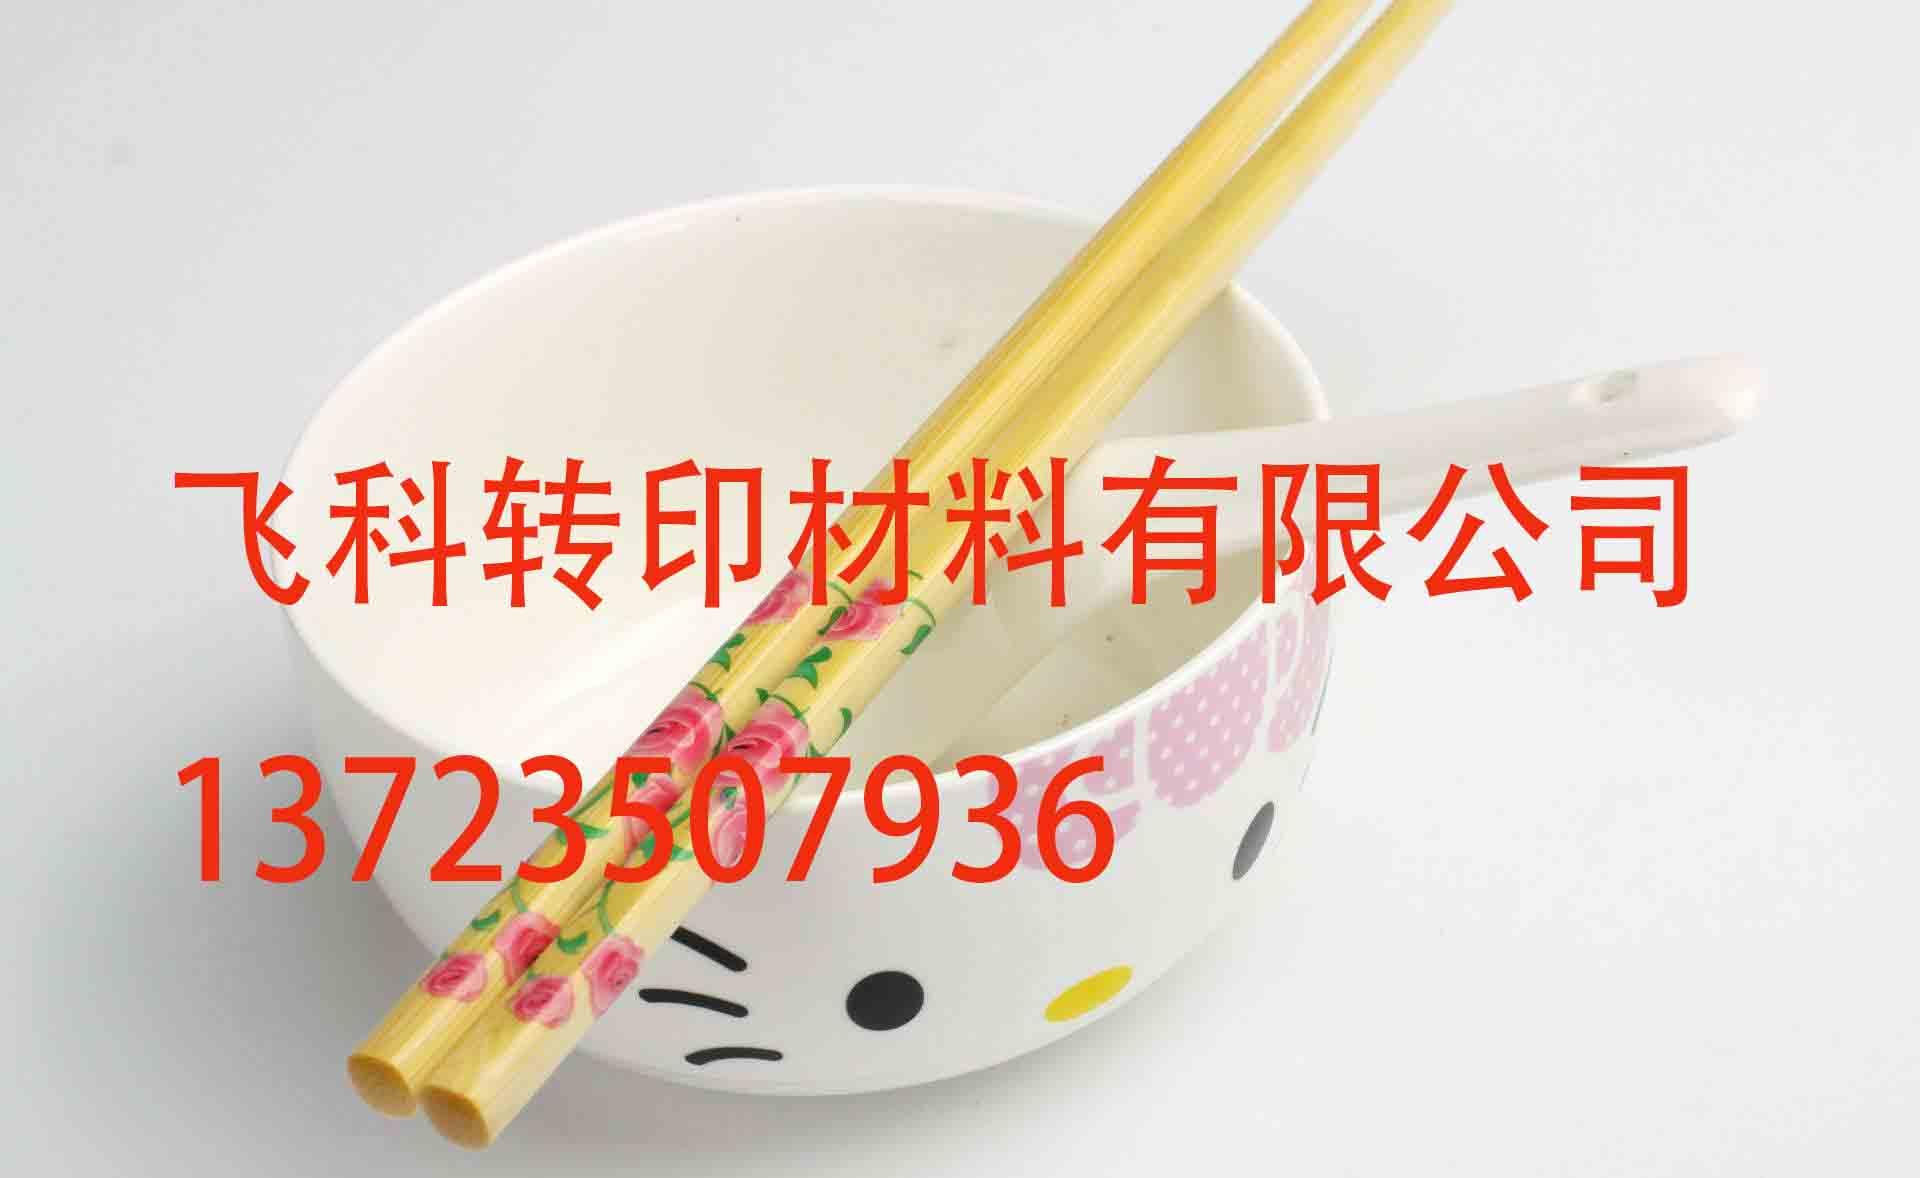 頭巾熱轉移紙,筷子熱轉移紙,手表帶熱轉移紙